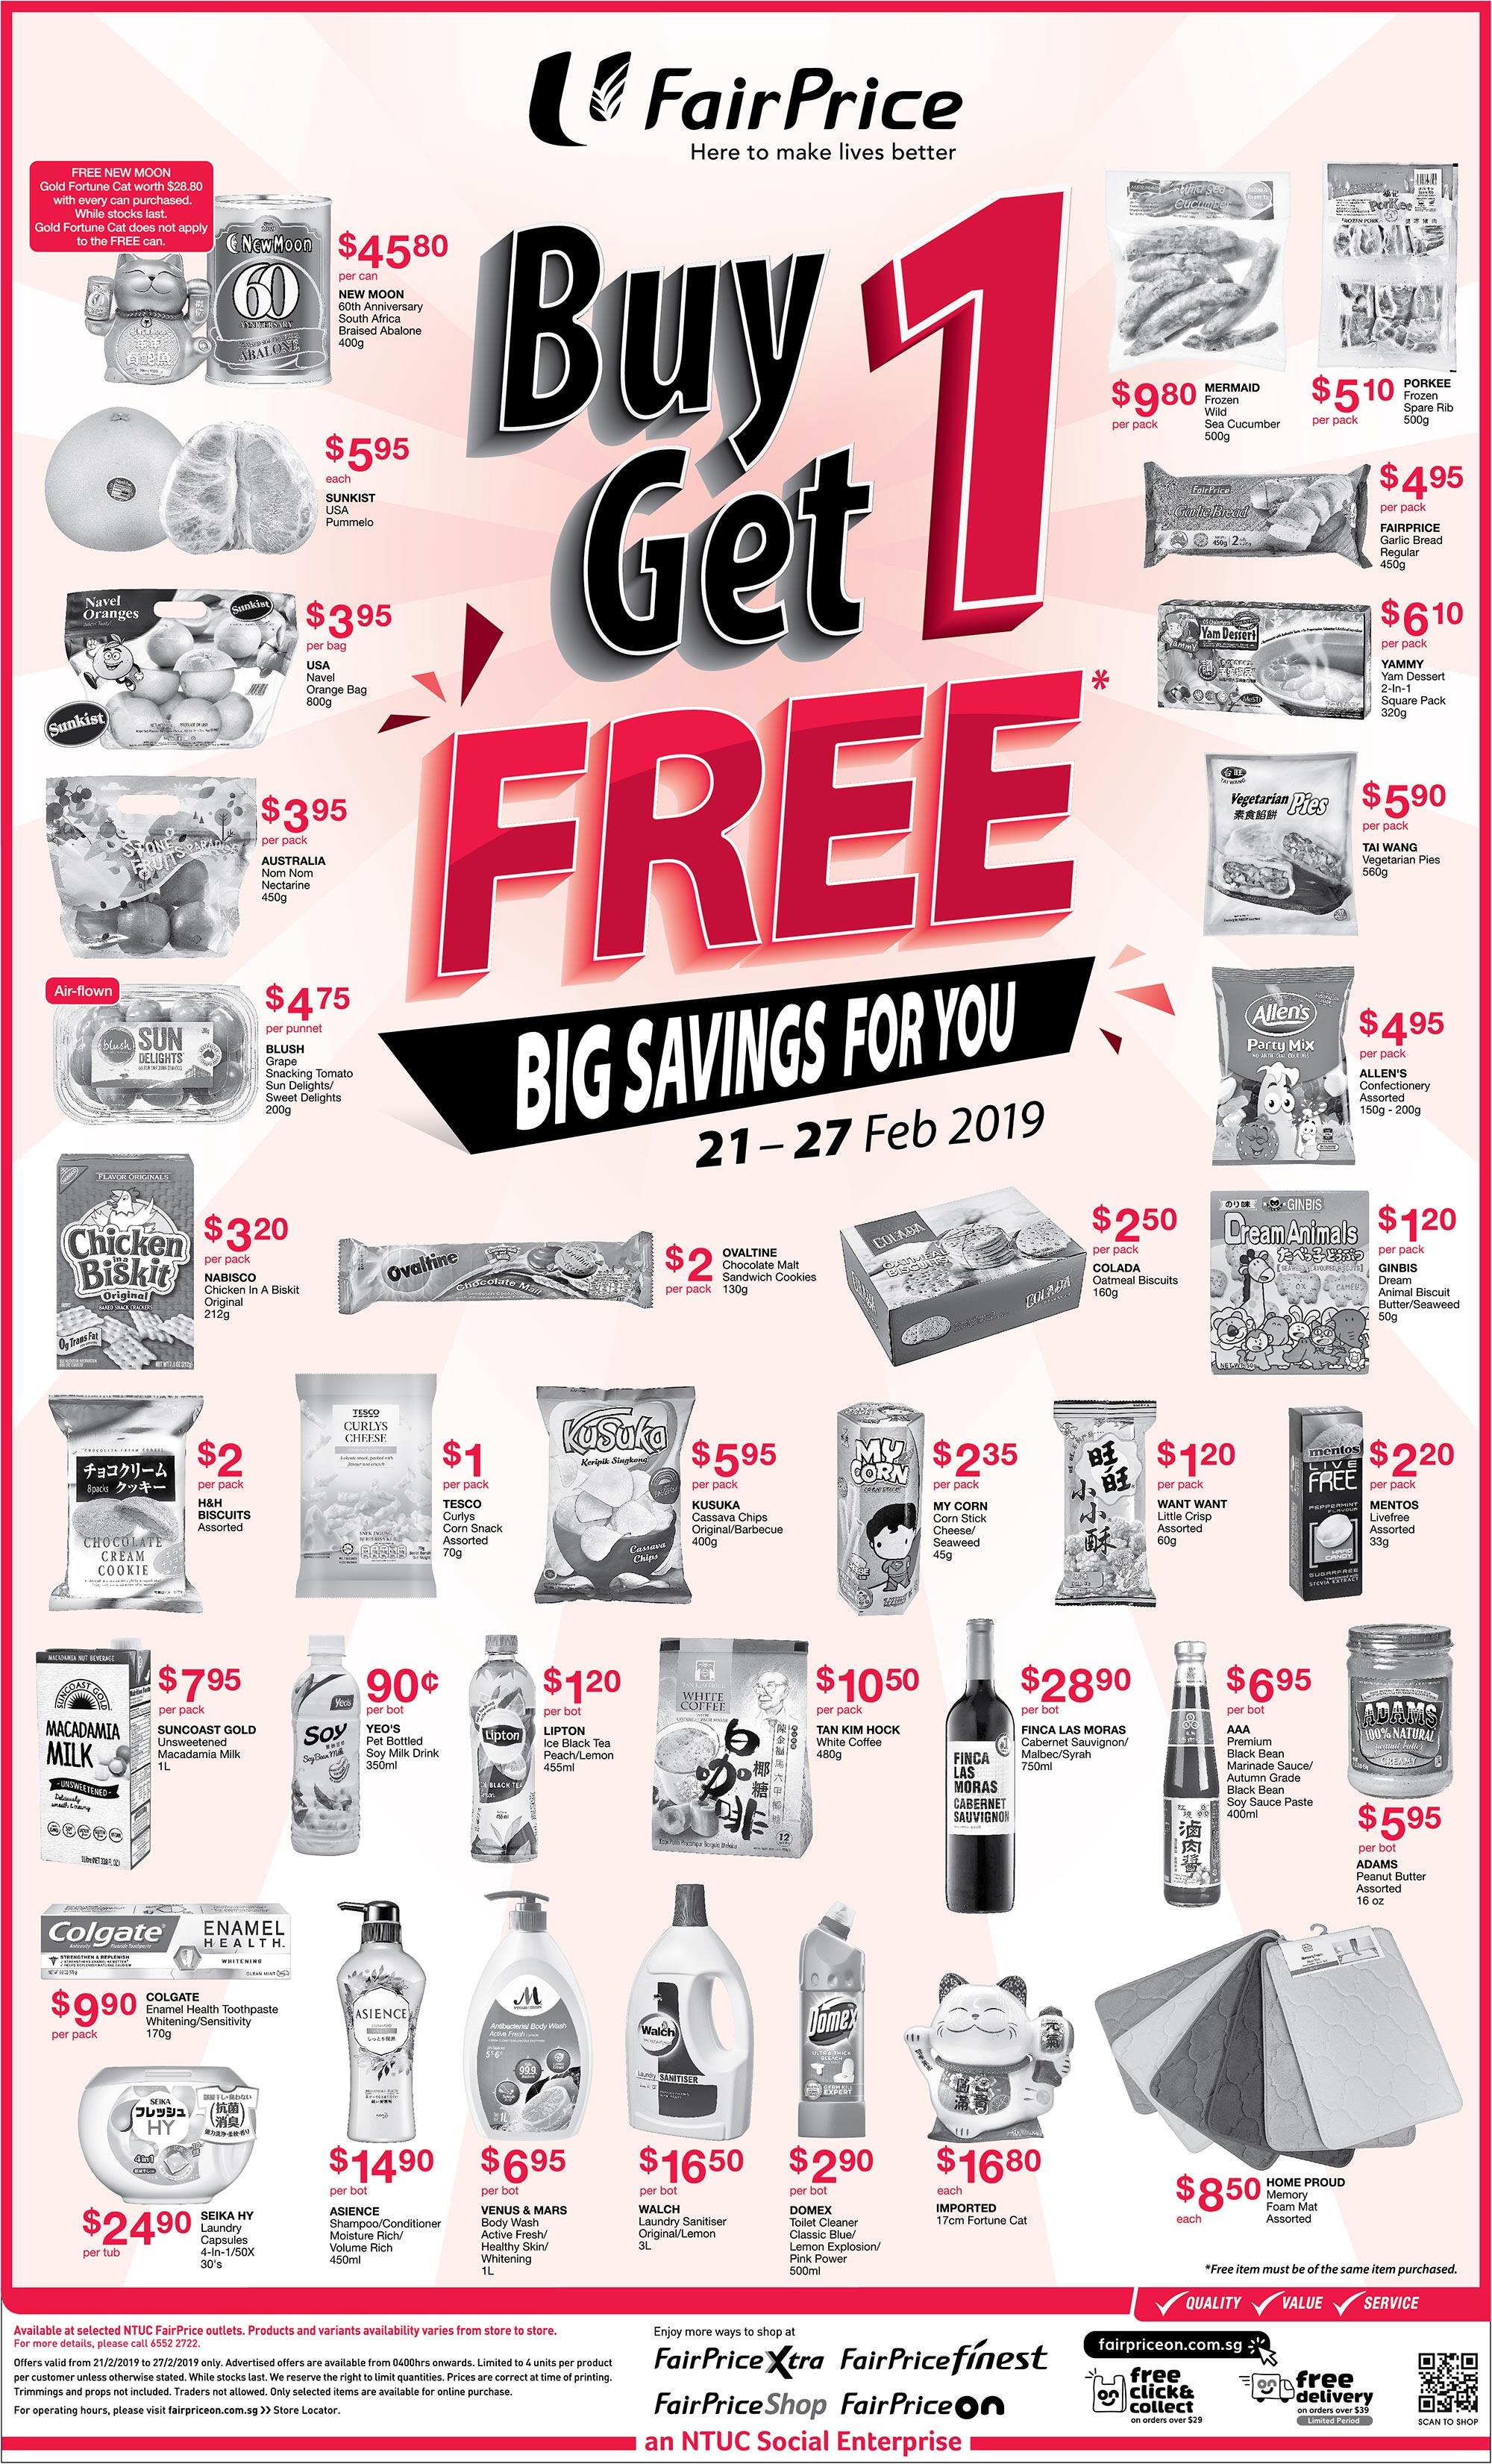 buy-1-get-1-free-21feb.jpg